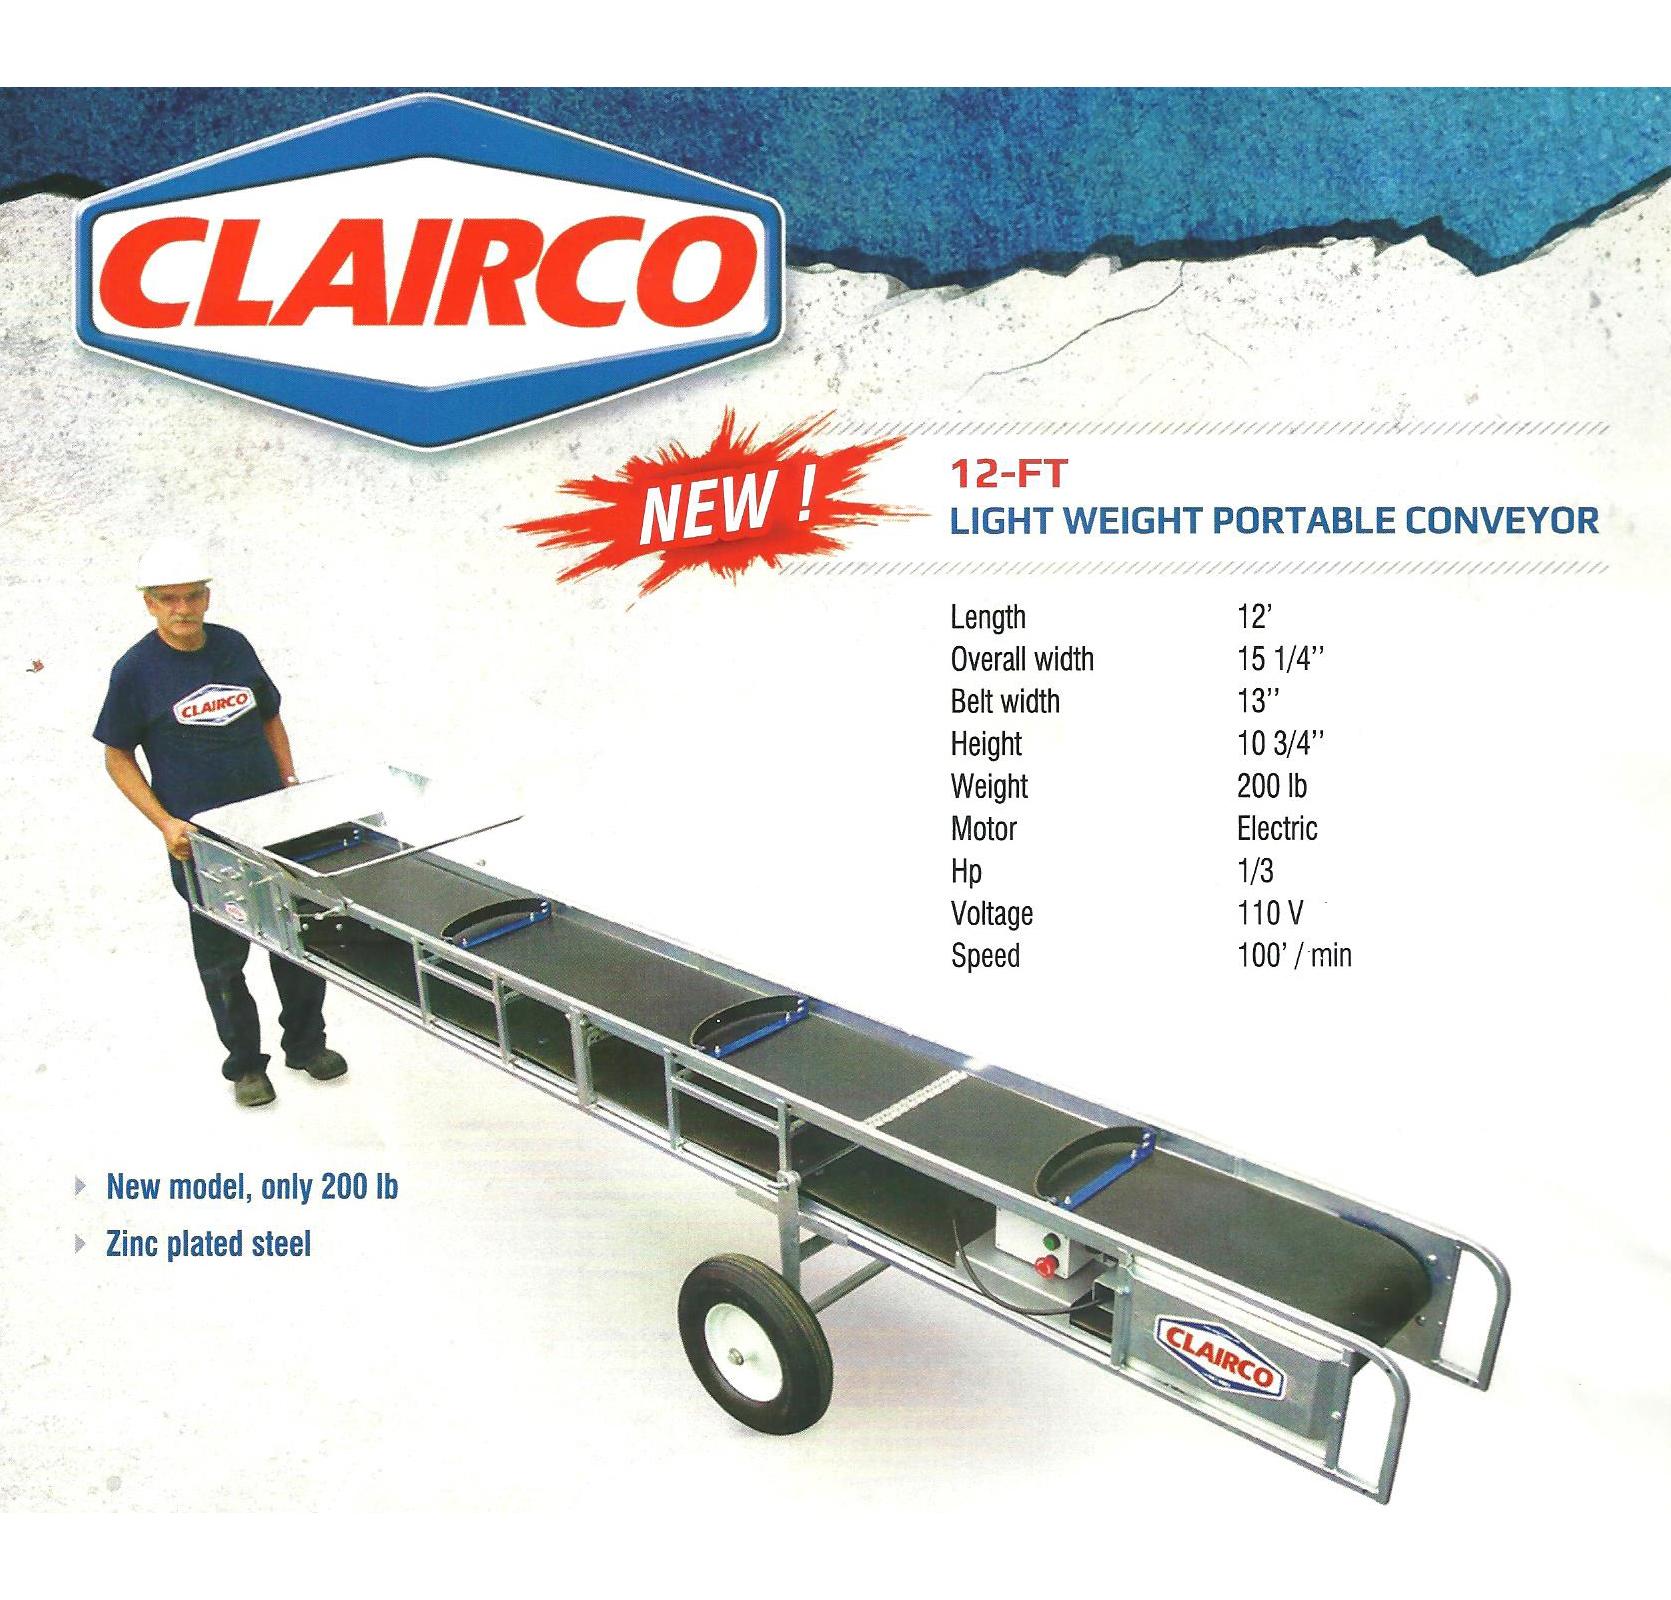 Portable Conveyor - Rentals Unlimited